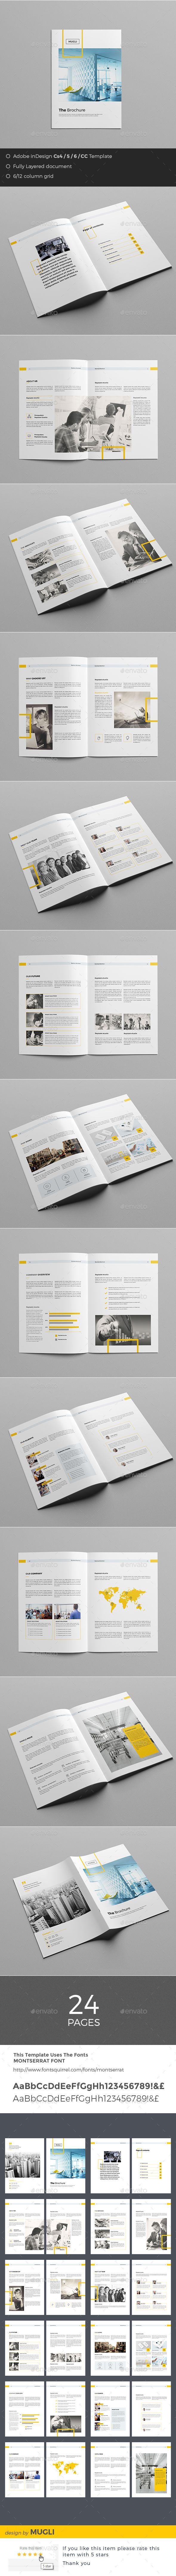 The Brochure | Revistas, Artículos de revistas y Diseño editorial